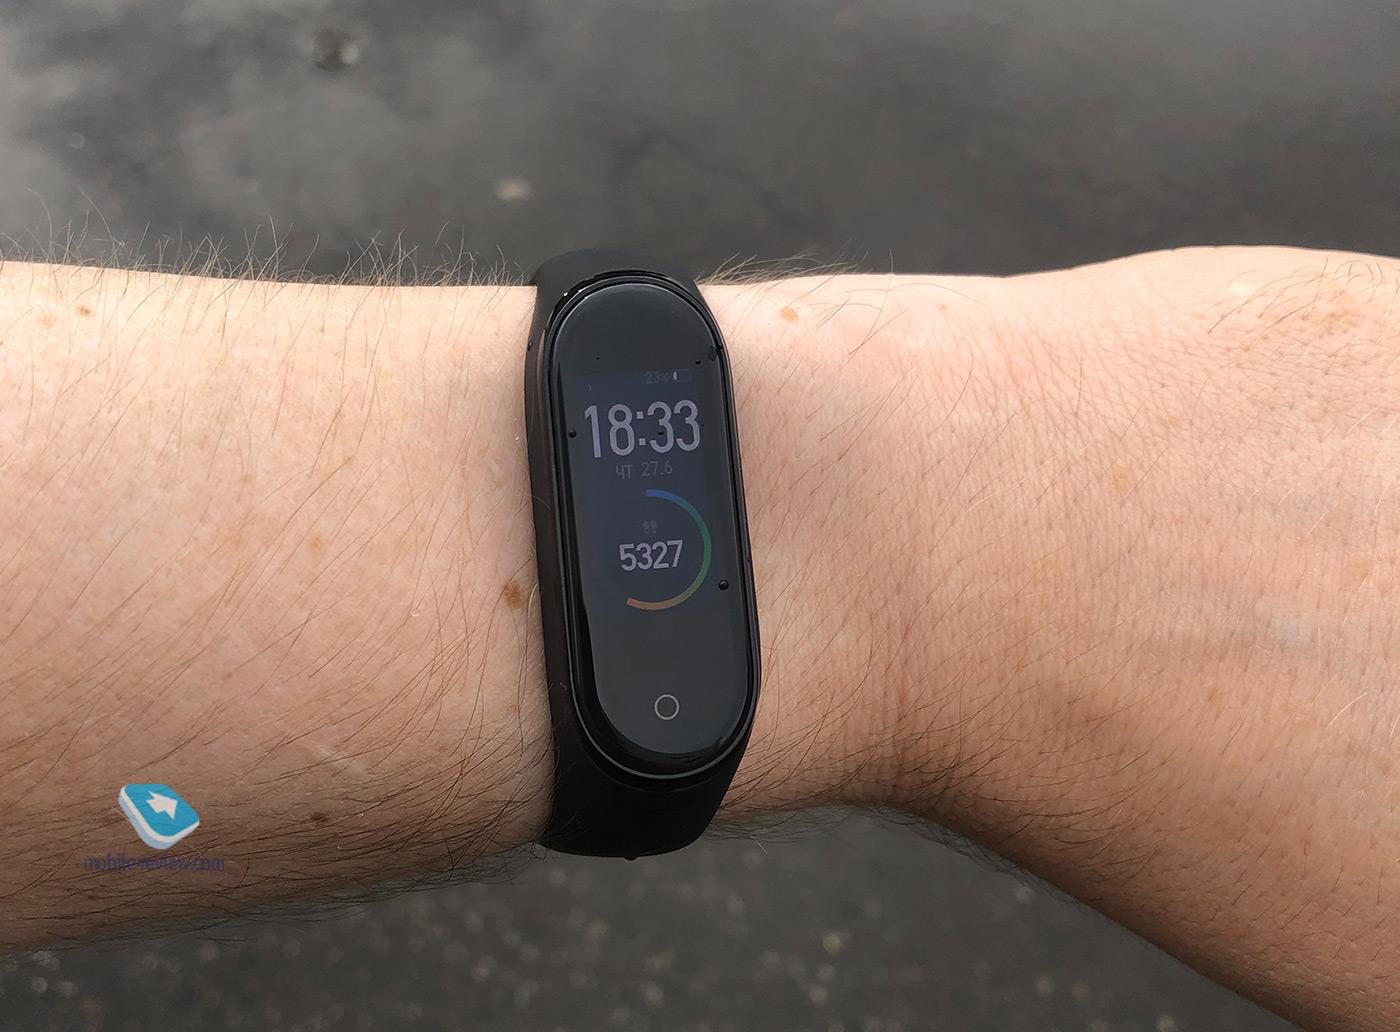 Mobile-review com Xiaomi Mi Smart Band 4: первый взгляд и